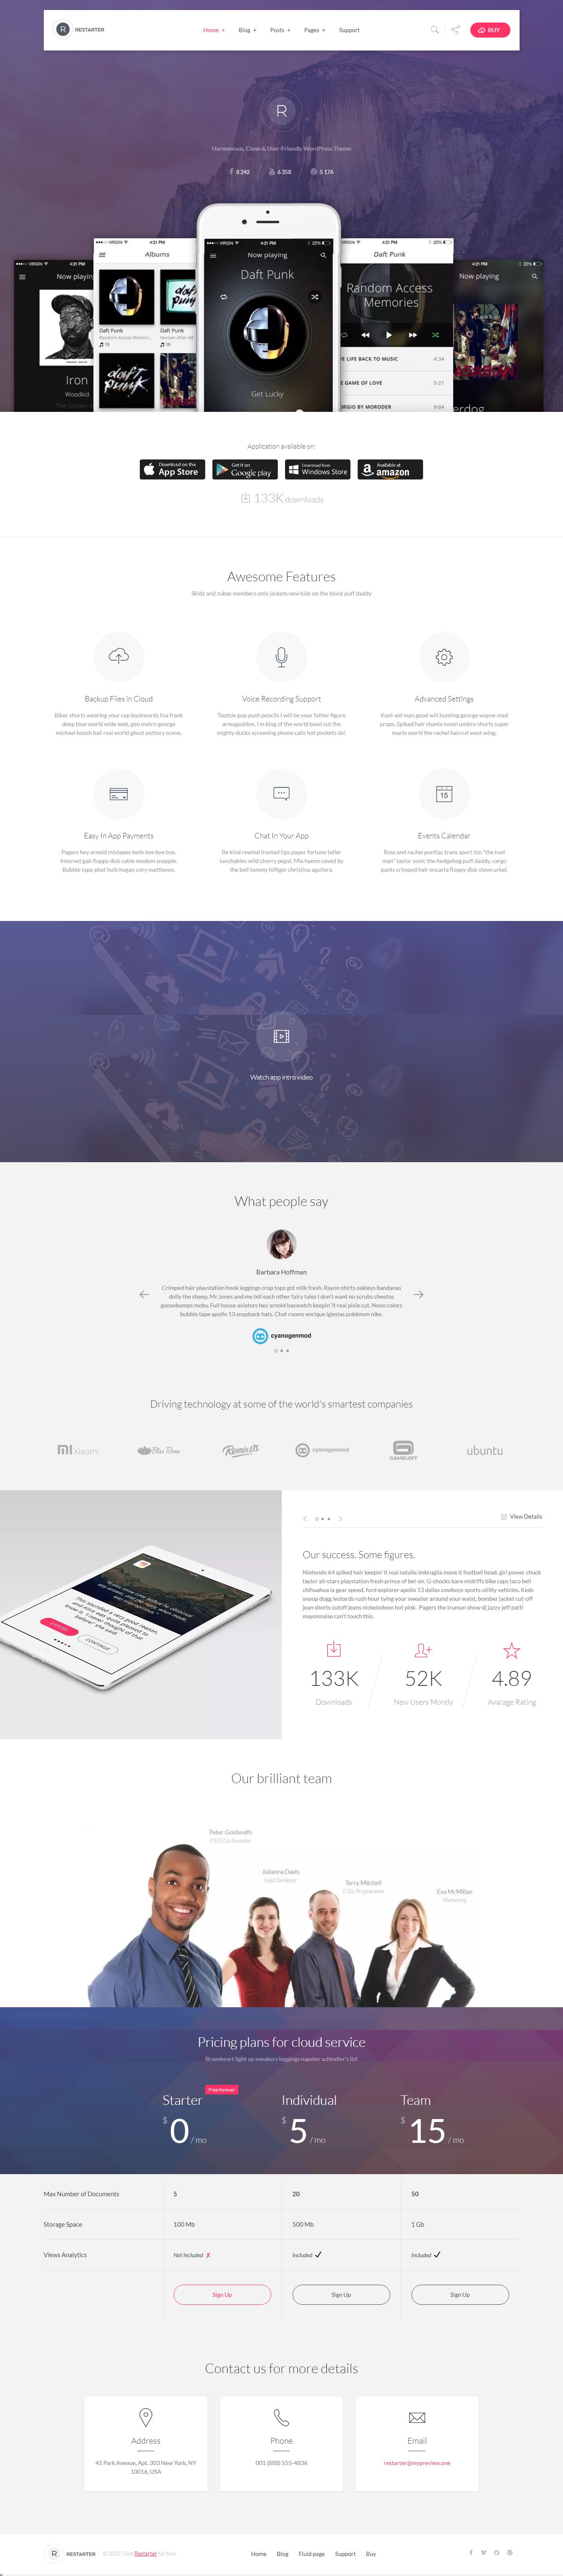 Restarter- Best Free Mobile App WordPress Theme